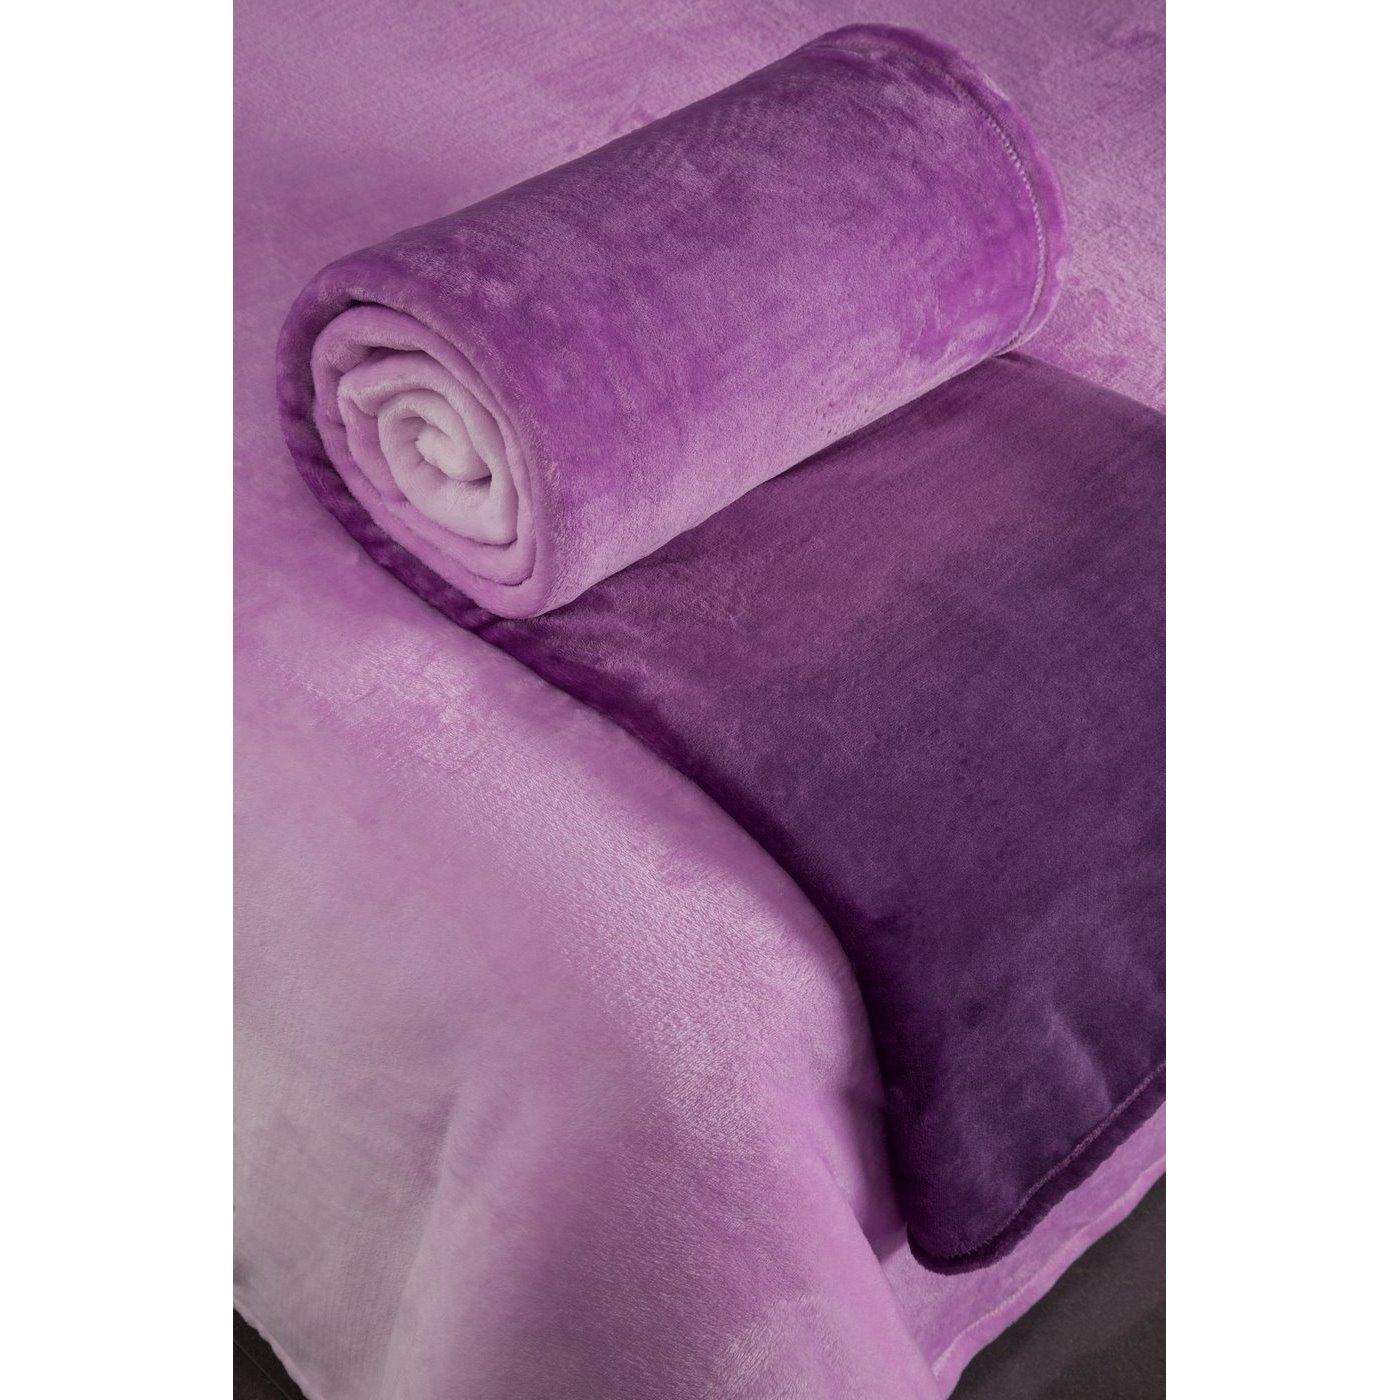 Cieniowany fioletowy miękki koc 150x200